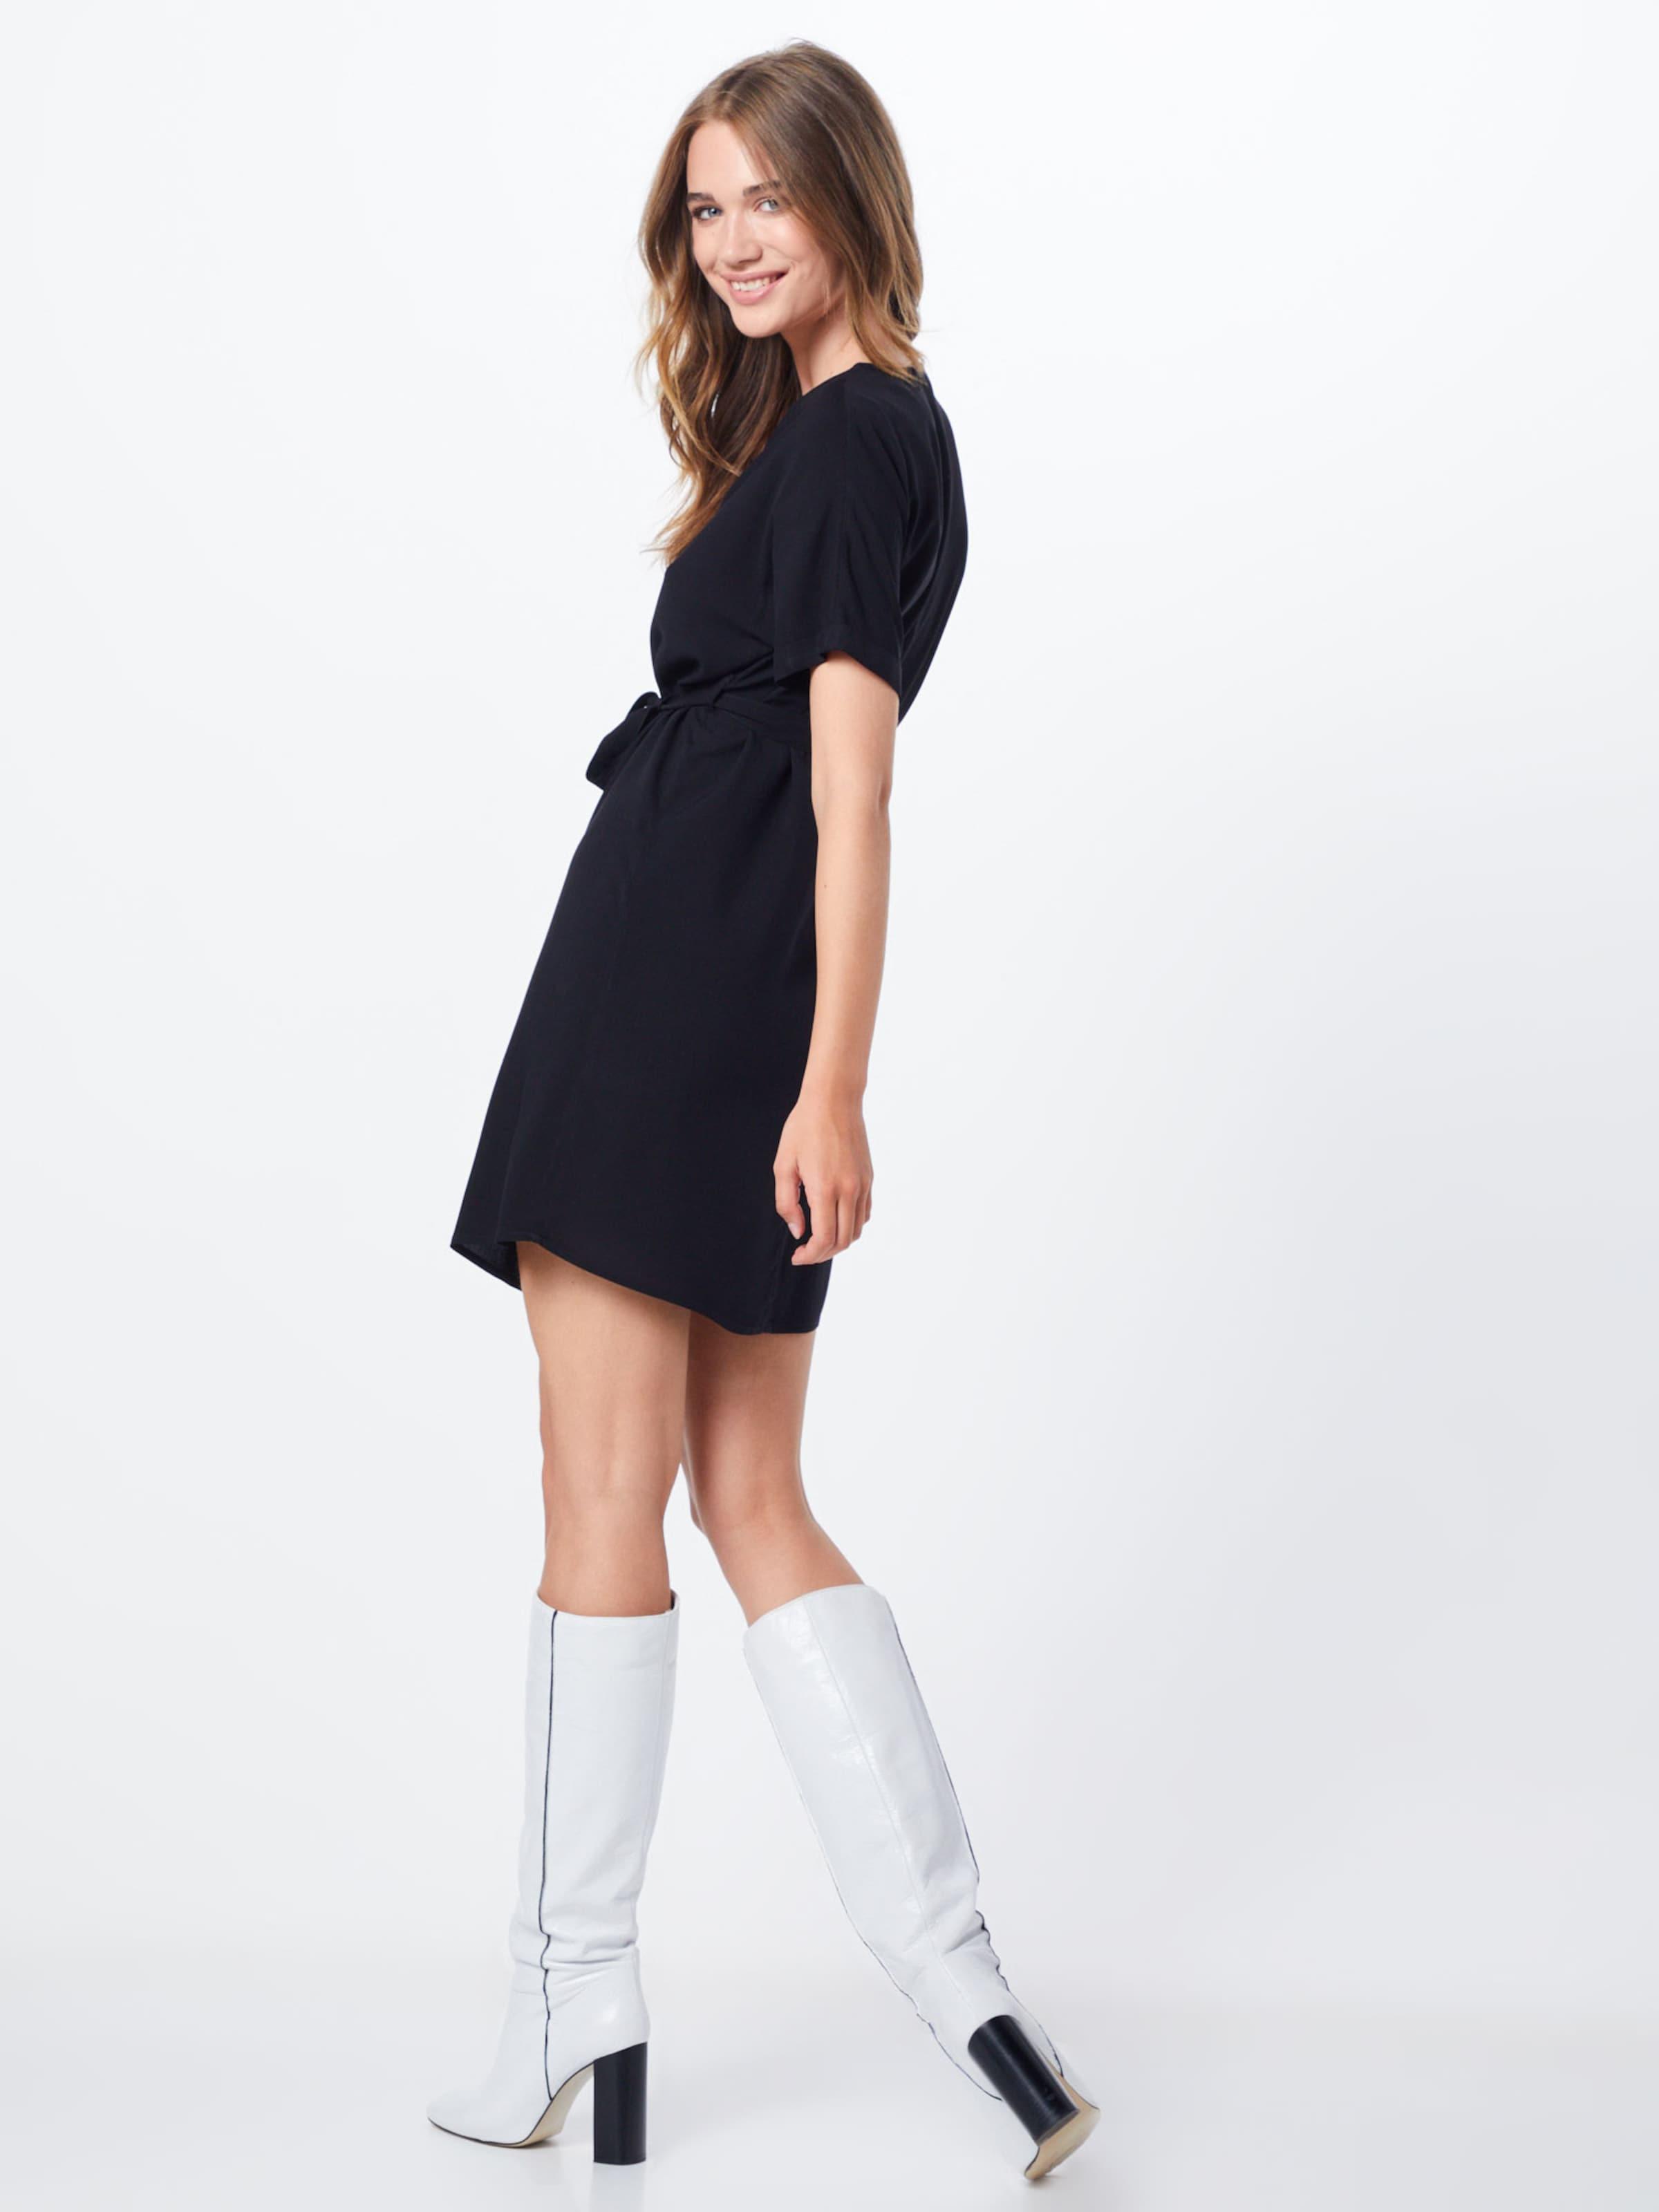 New Schwarz In New Look Kleid 8X0nwOPk